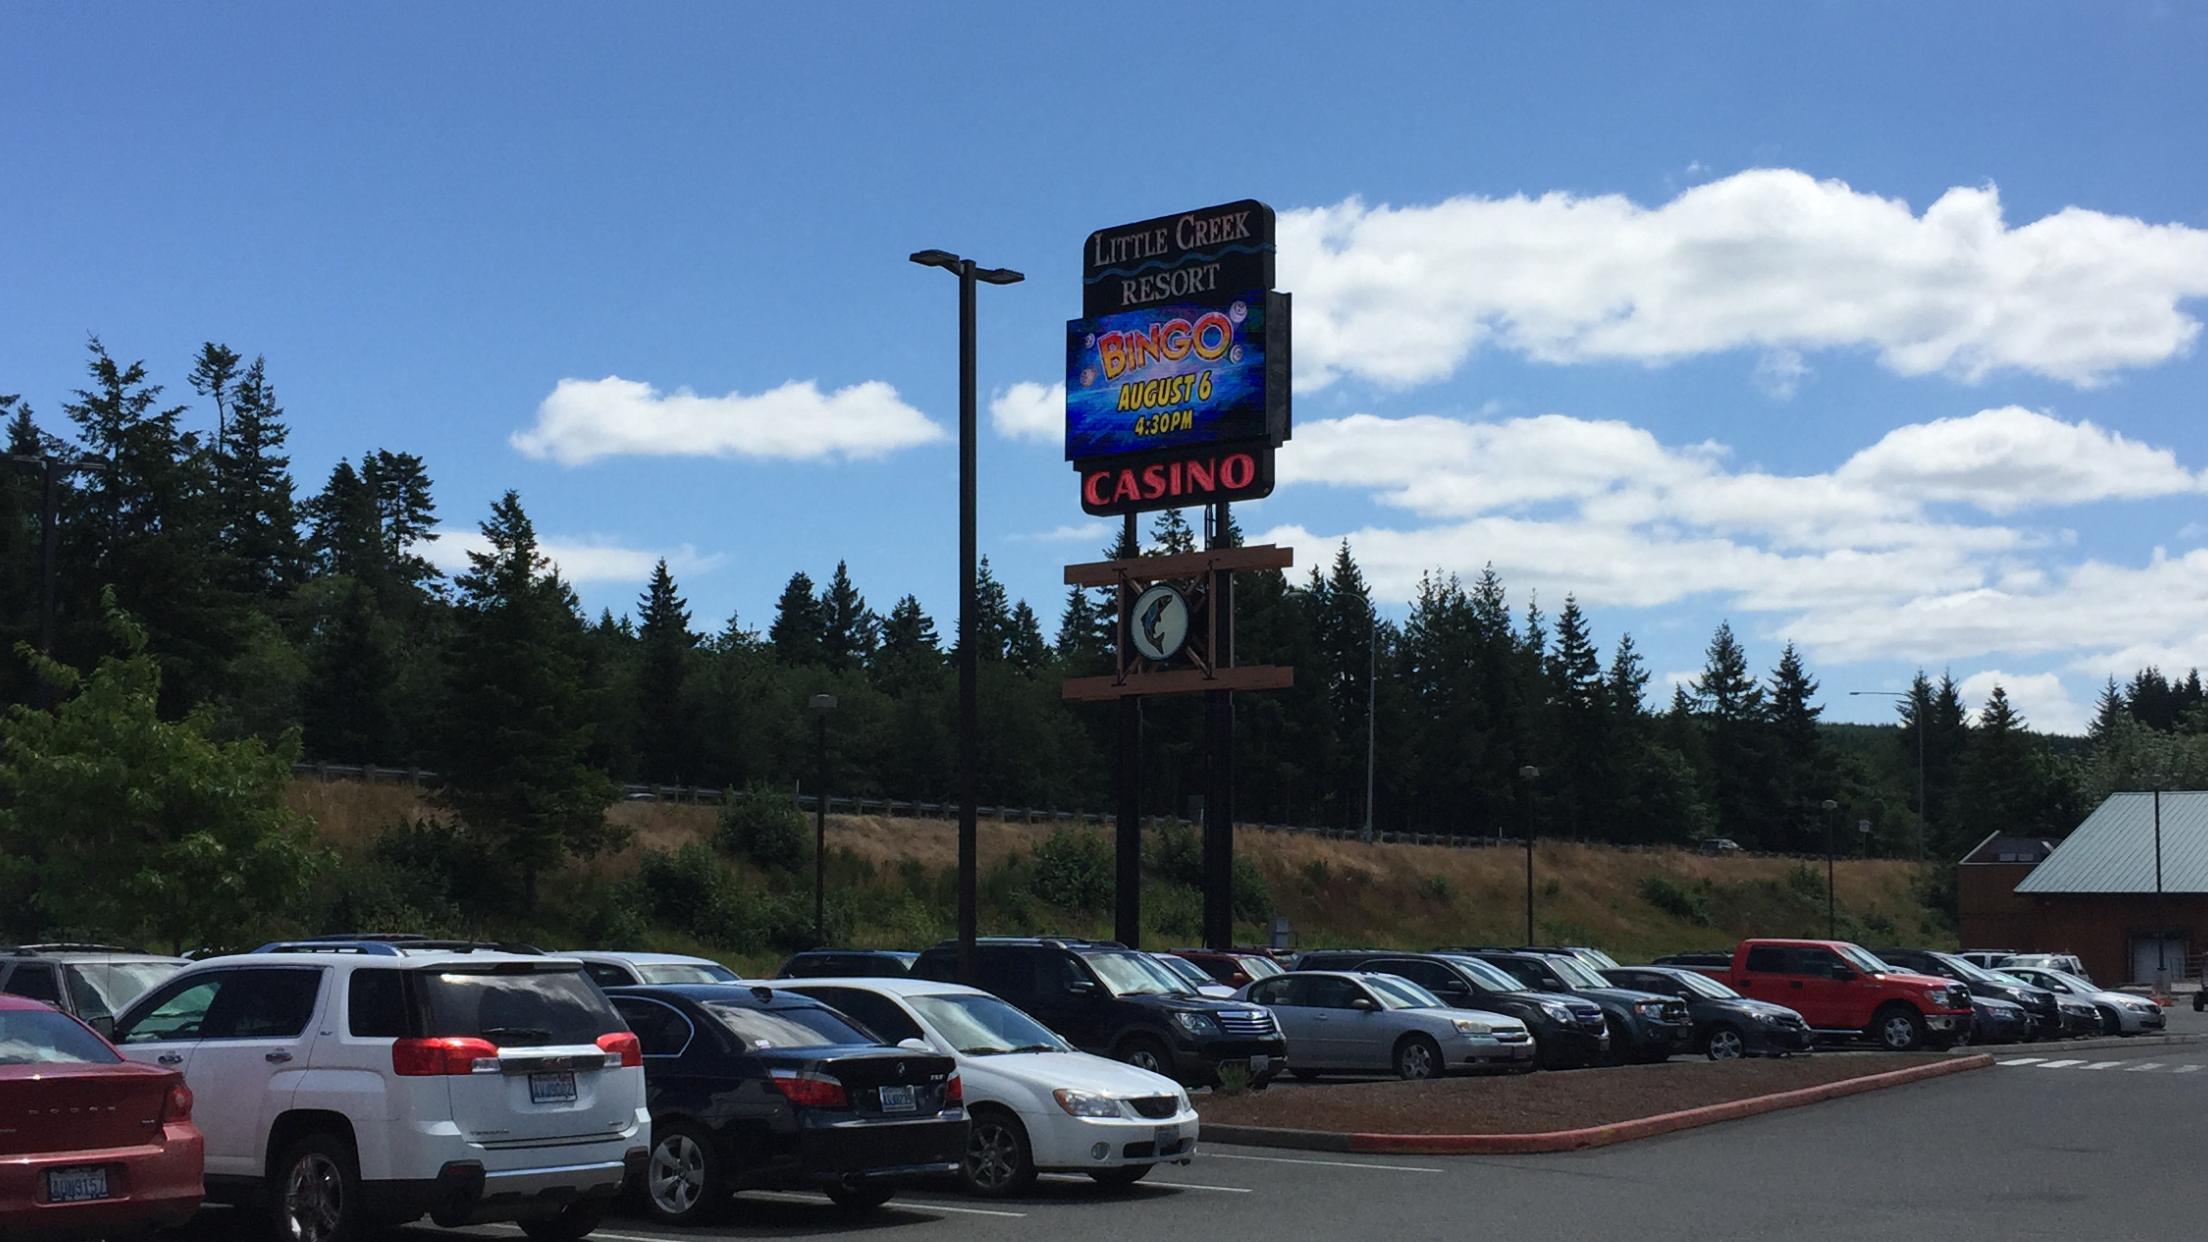 7-11-17 • Little Creek Casino Resort in Shelton, WA